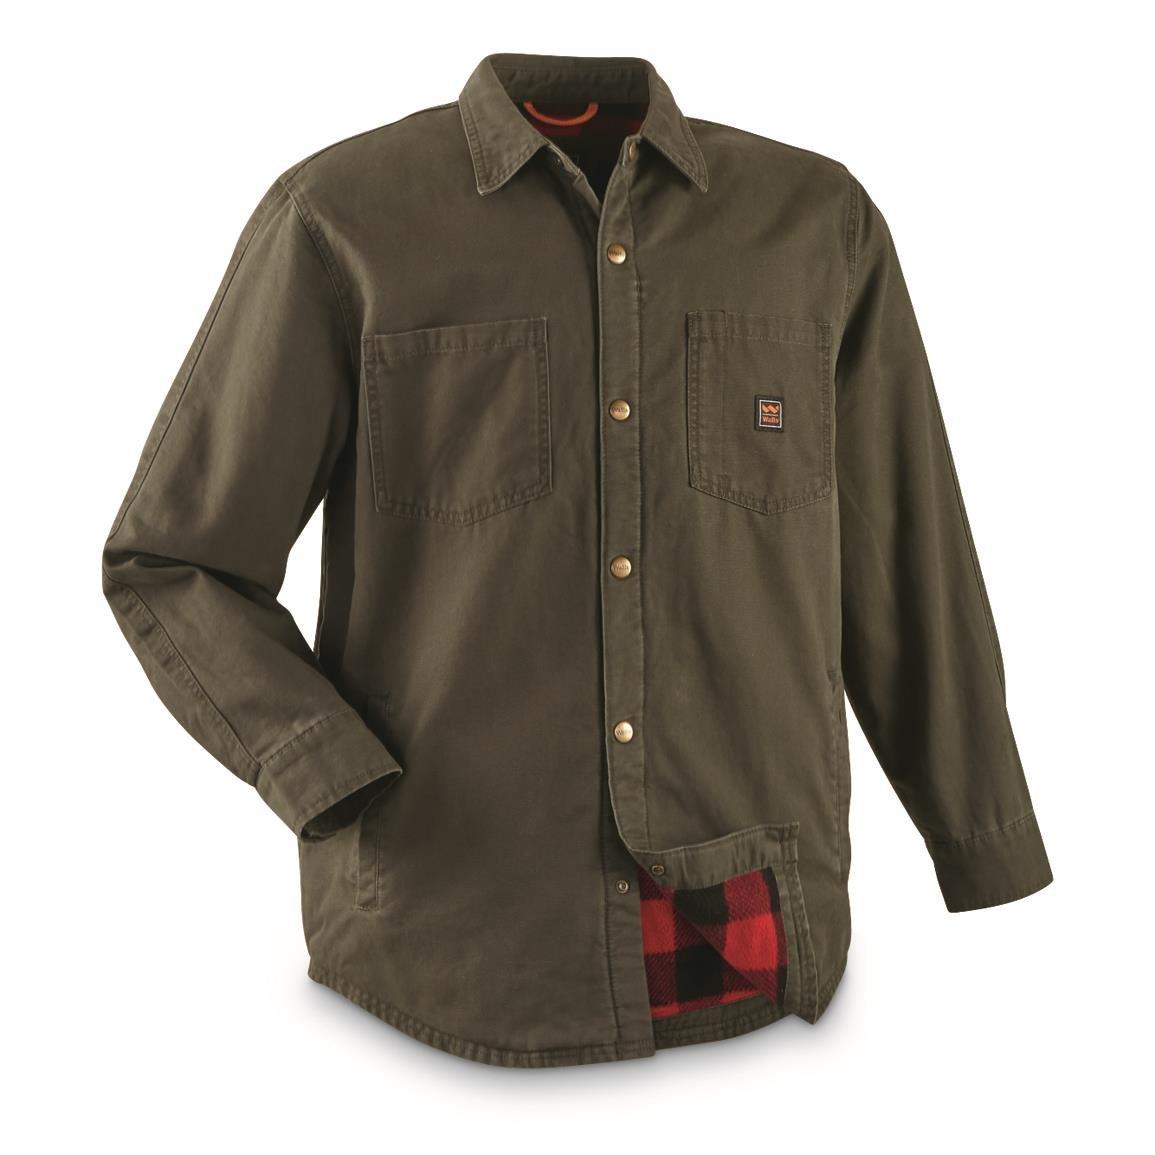 c659e58ea Walls Men's Bandera Vintage Duck Shirt Jacket